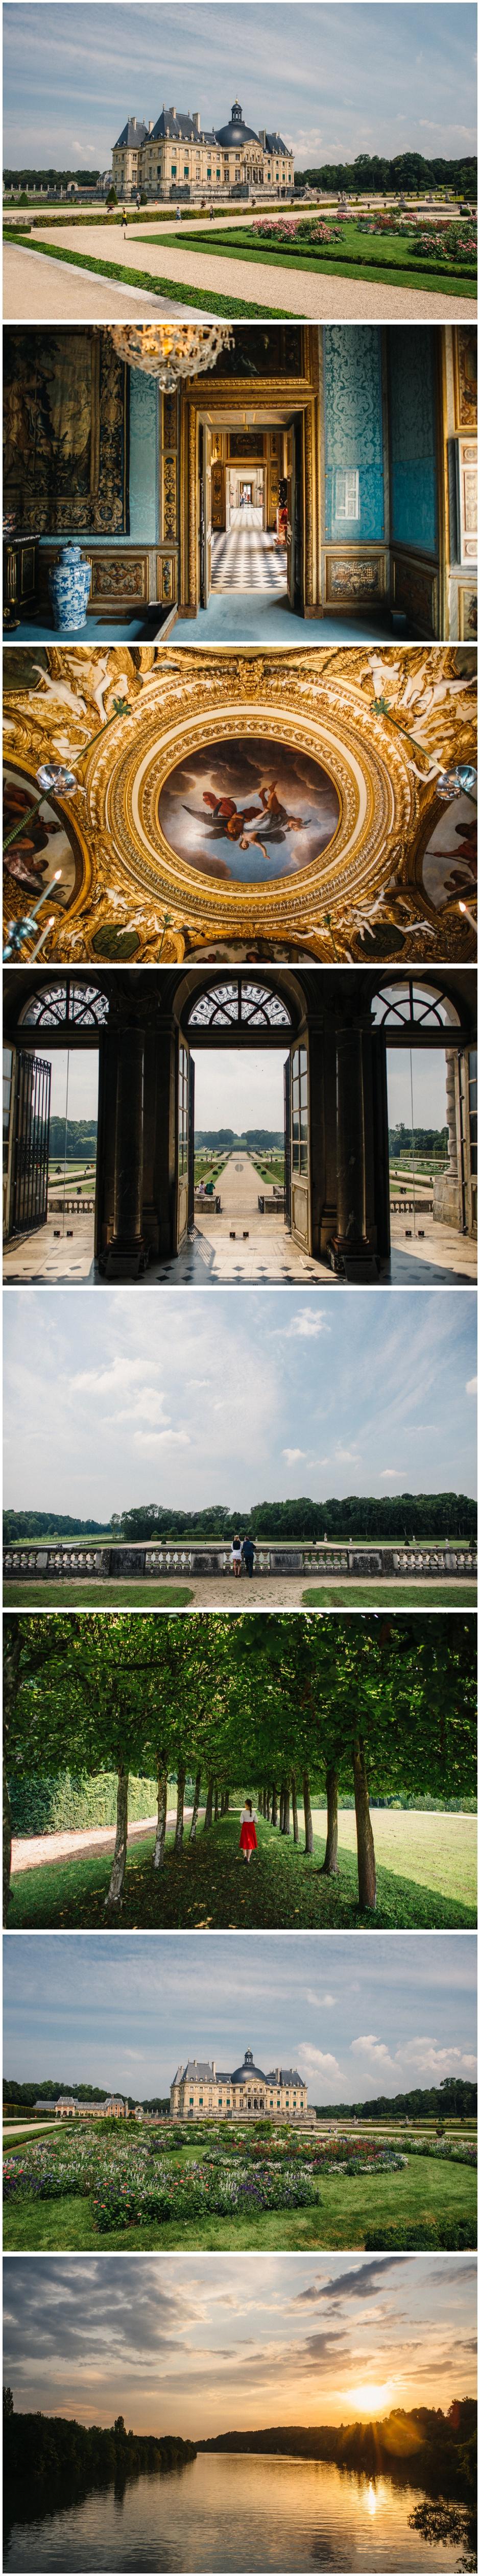 2014-08-19_0005.jpg